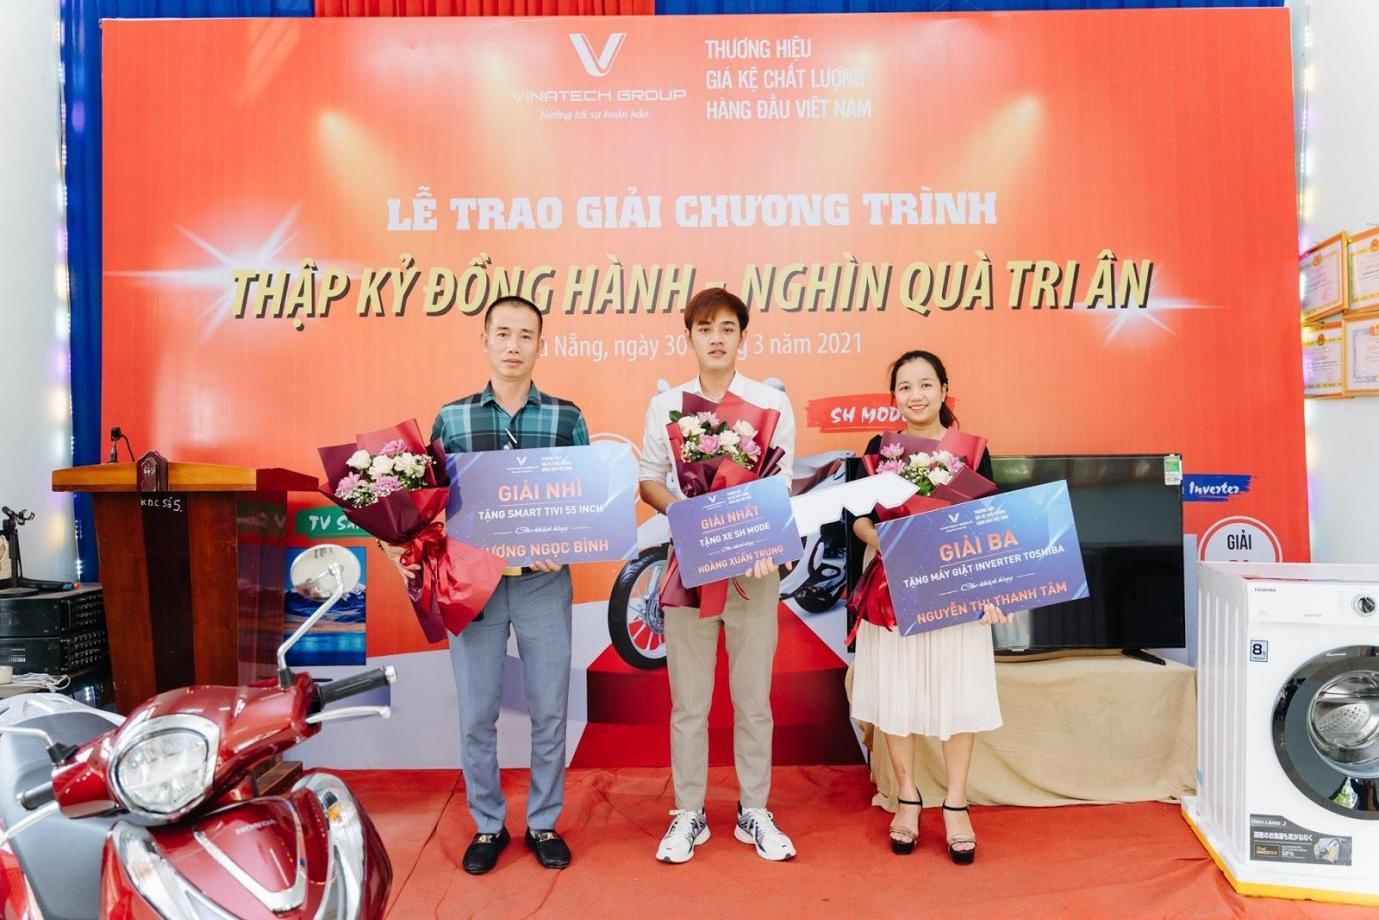 3 khách hàng may mắn nhận giải thưởng của chương trình